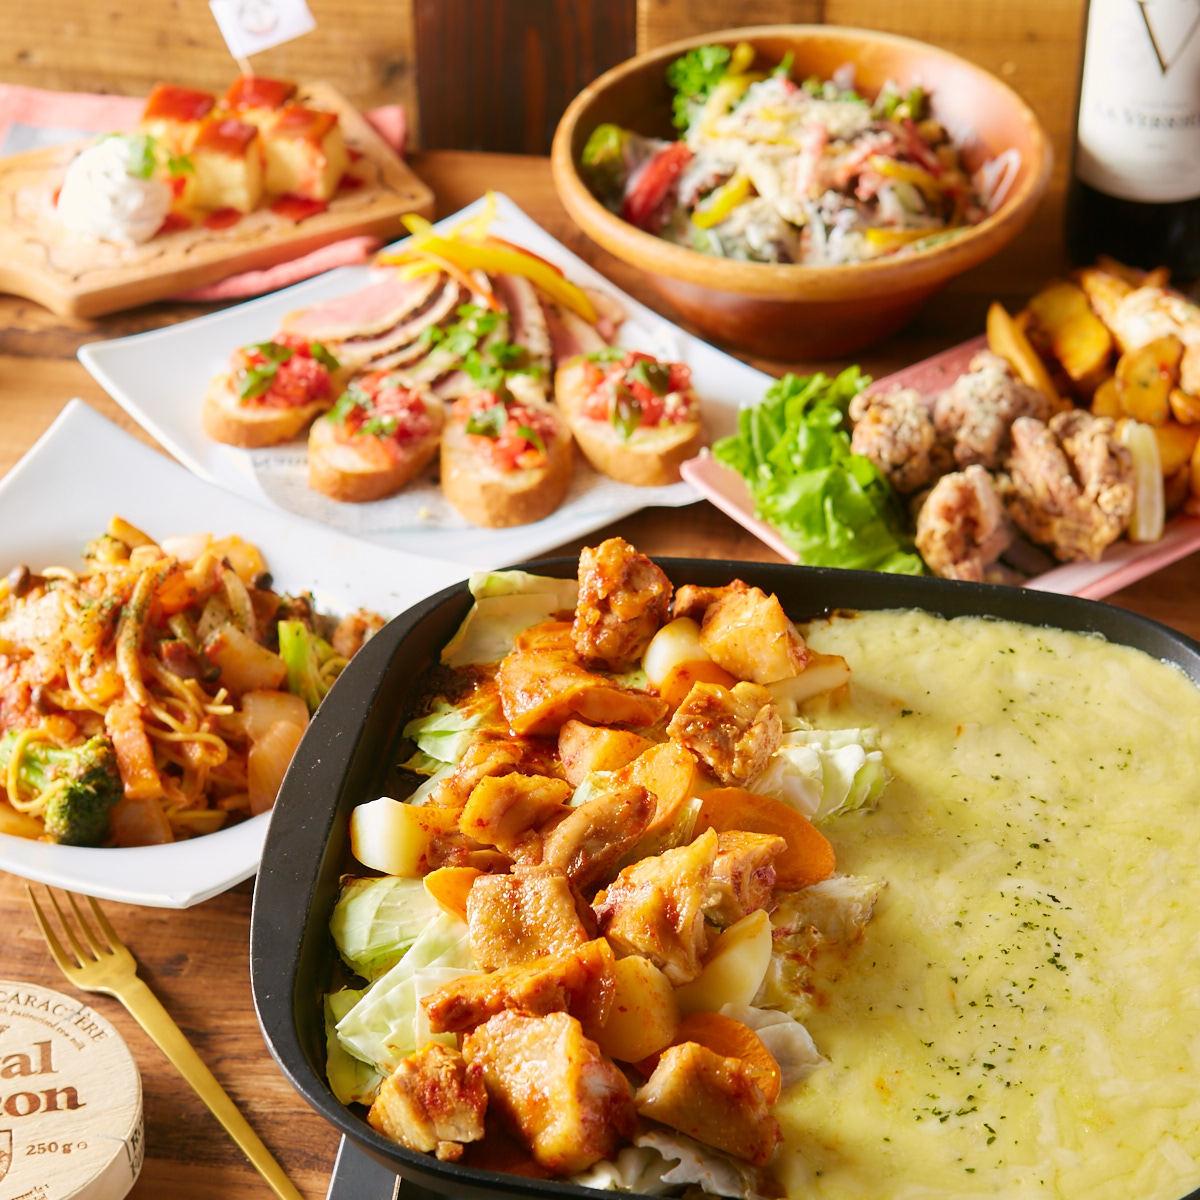 ランチ『スタンダードコース』肉×チーズ×野菜×スイーツ全てお楽しみいただけます!